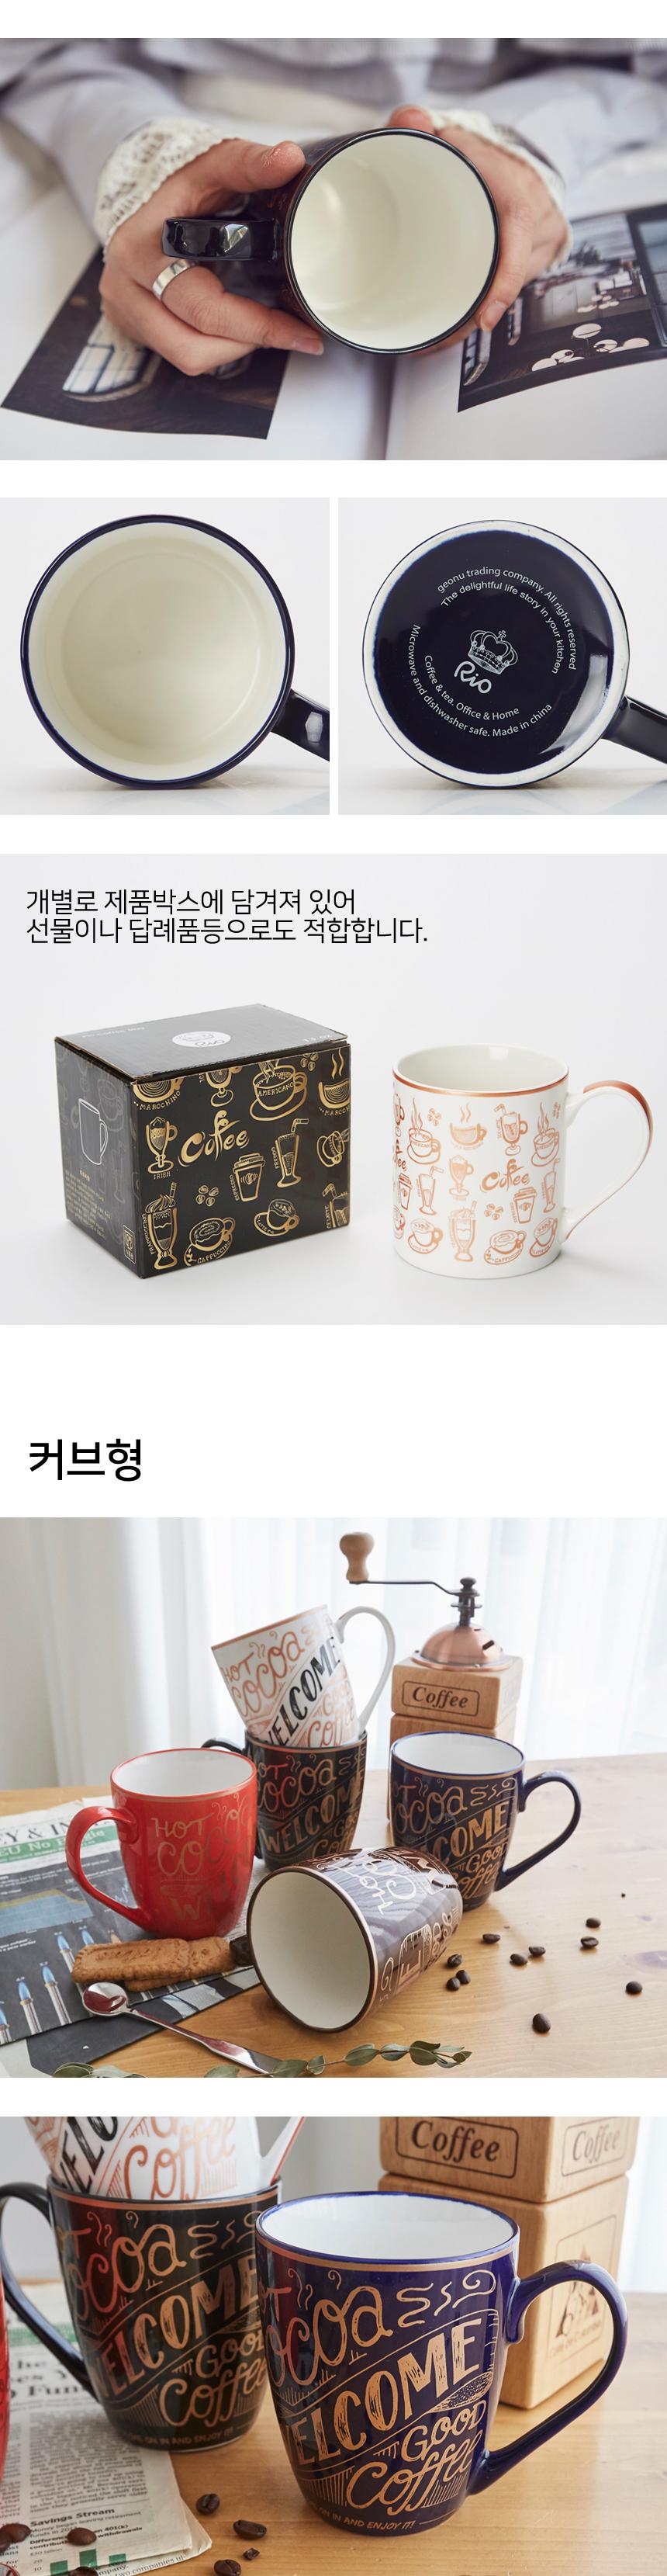 리오 홈카페 도자기 머그컵 (커브형or일자형) - 김씨하우스, 8,900원, 머그컵, 일러스트머그